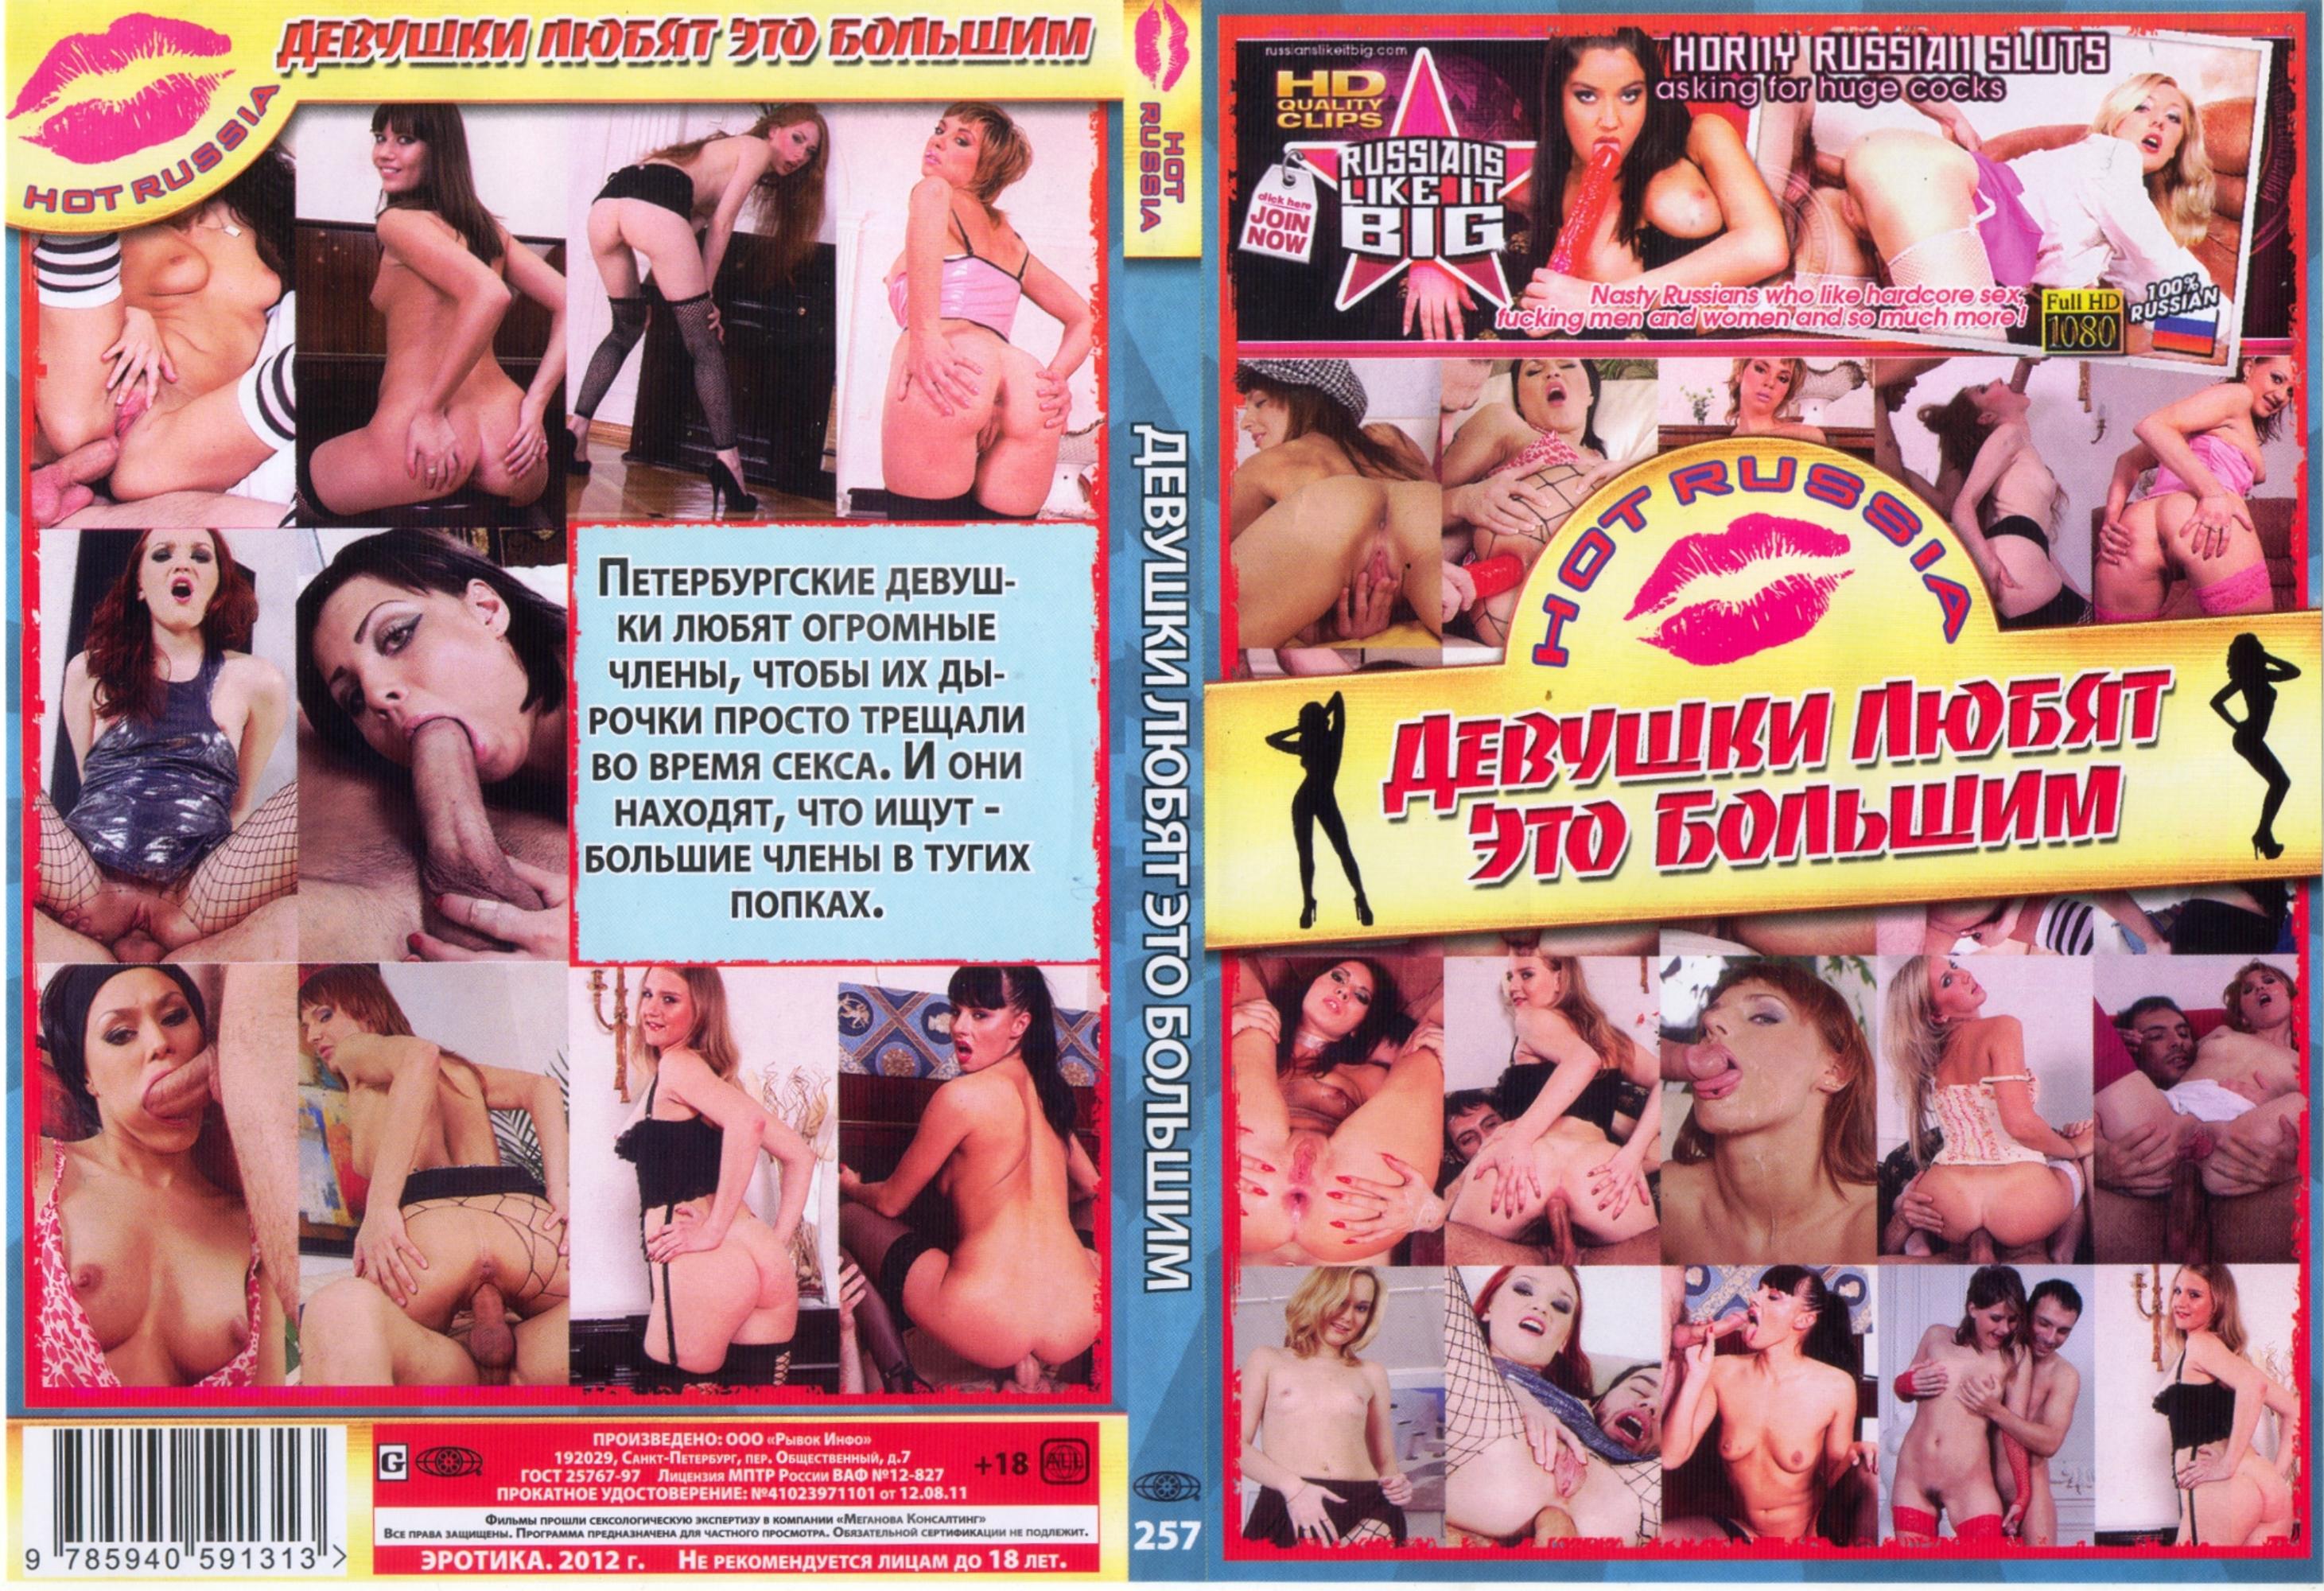 kupit-porno-roliki-dvd-pochtoy-nedorogo